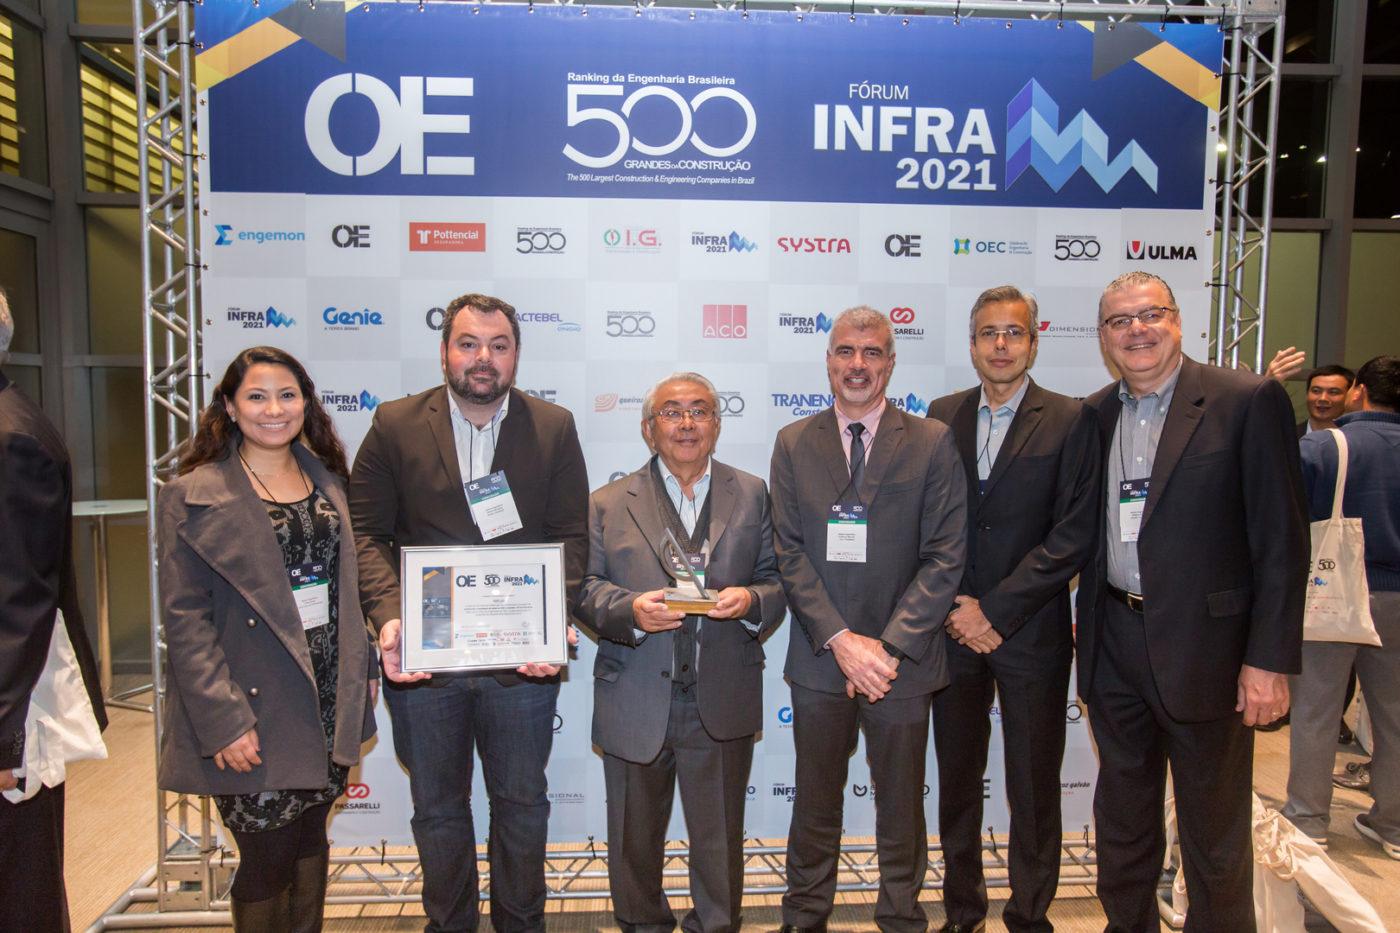 FÓRUM INFRA 2021FORUM 2021 REVISTA OE-899